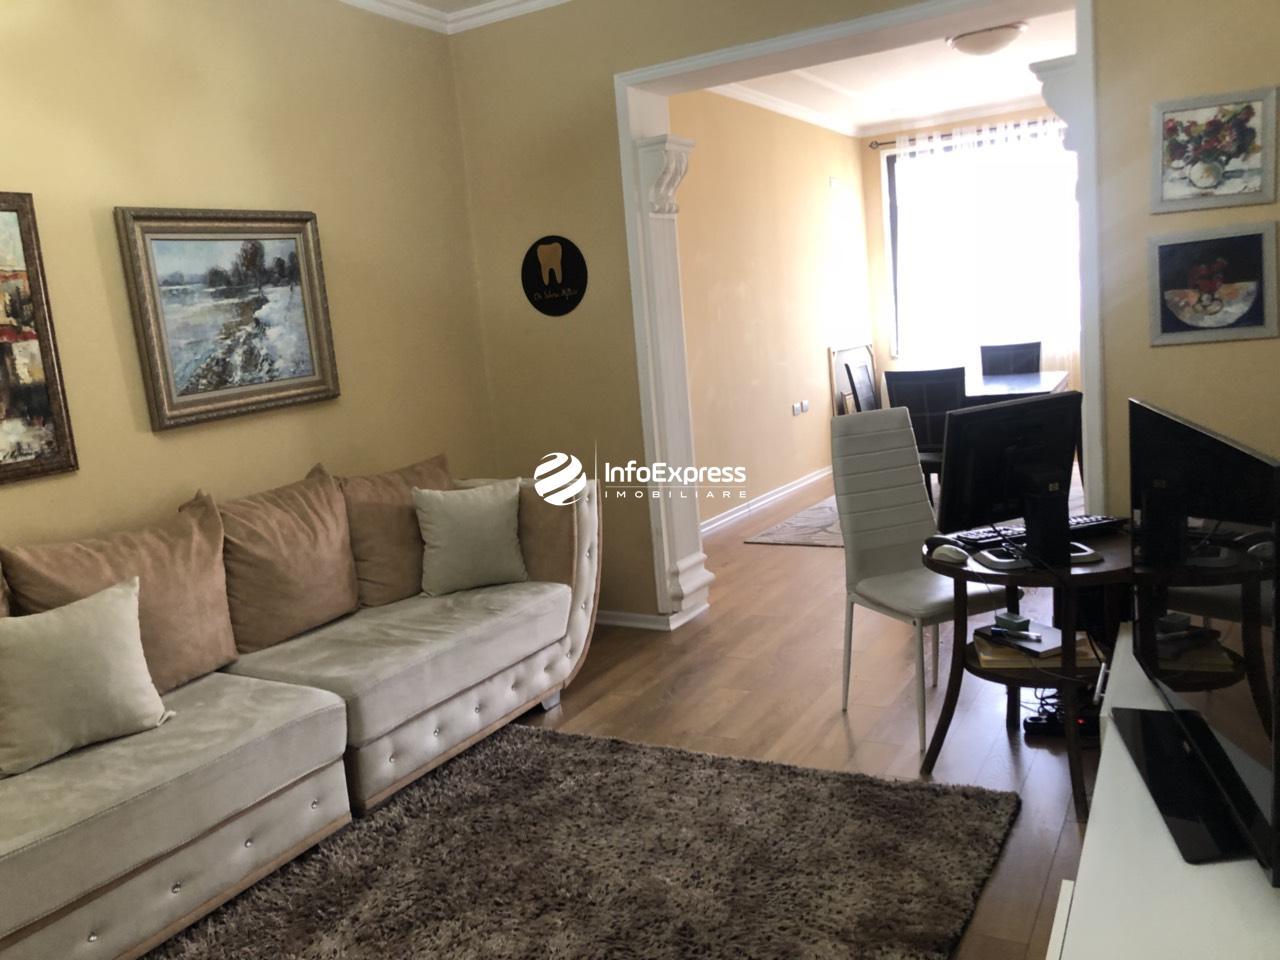 TRS-0419-1499 Shitet apartament 2+1 ndodhet ne rrugen e kavajes tek 21 Dhjetori, prane Bashkise!